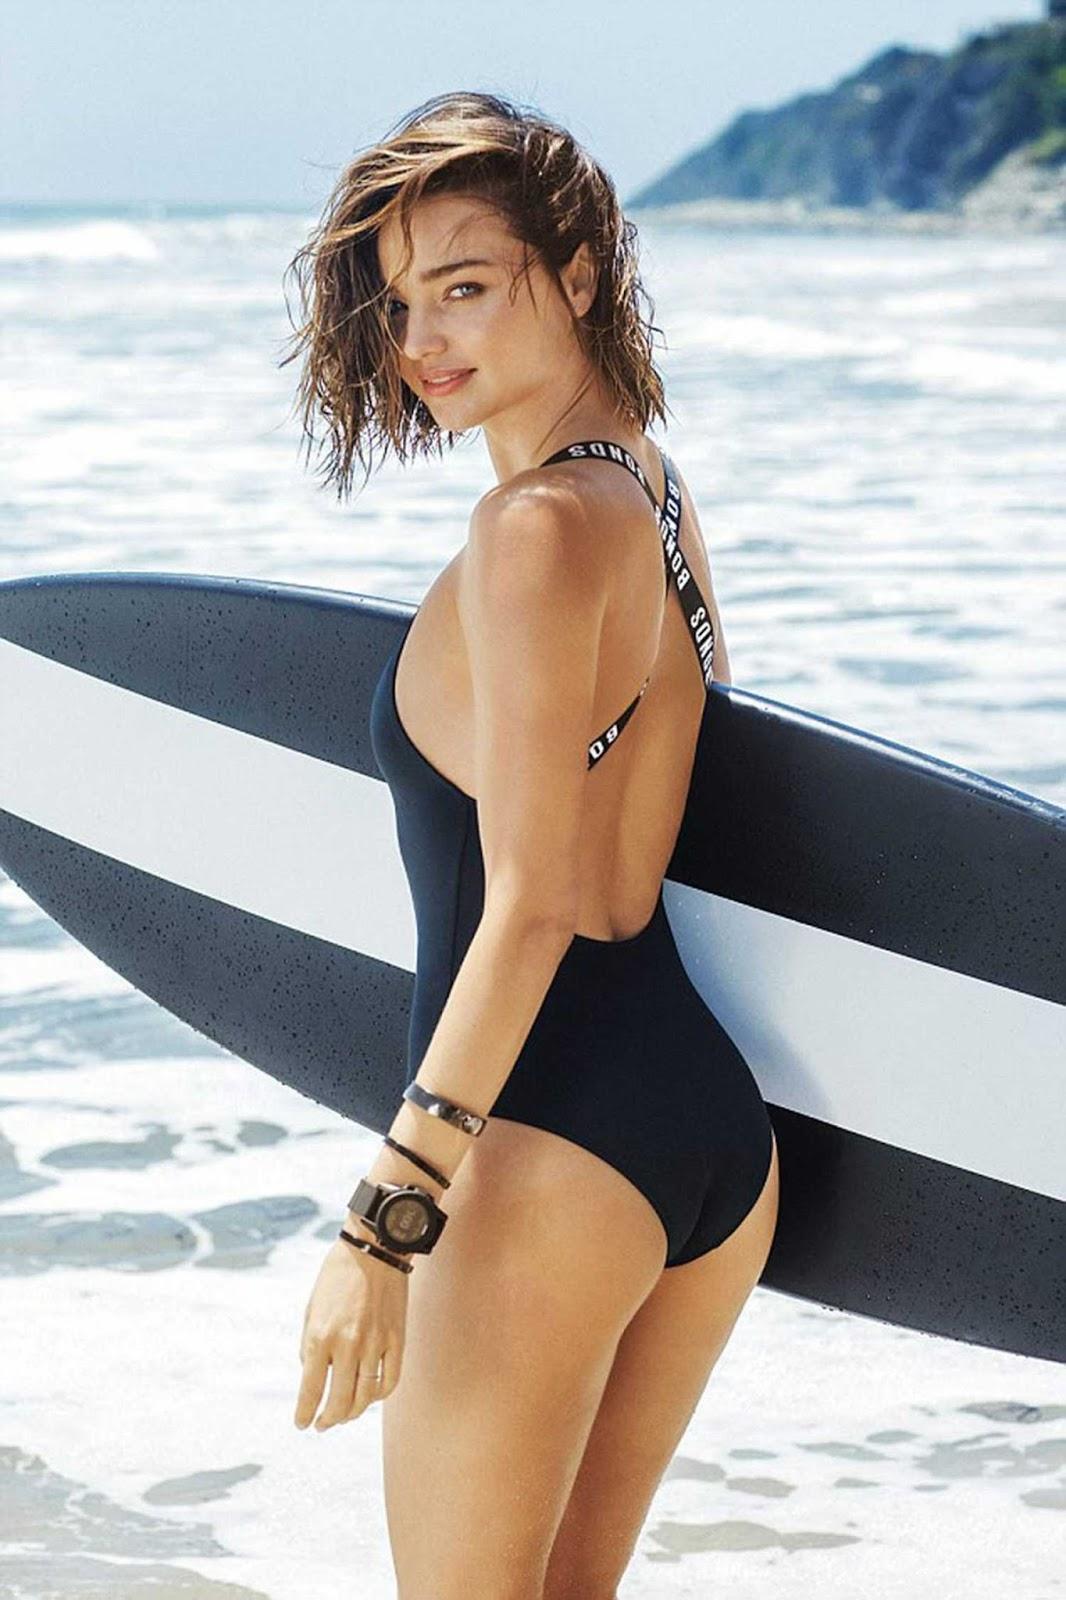 Miranda Kerr gets into swimwear for Bonds Campaign